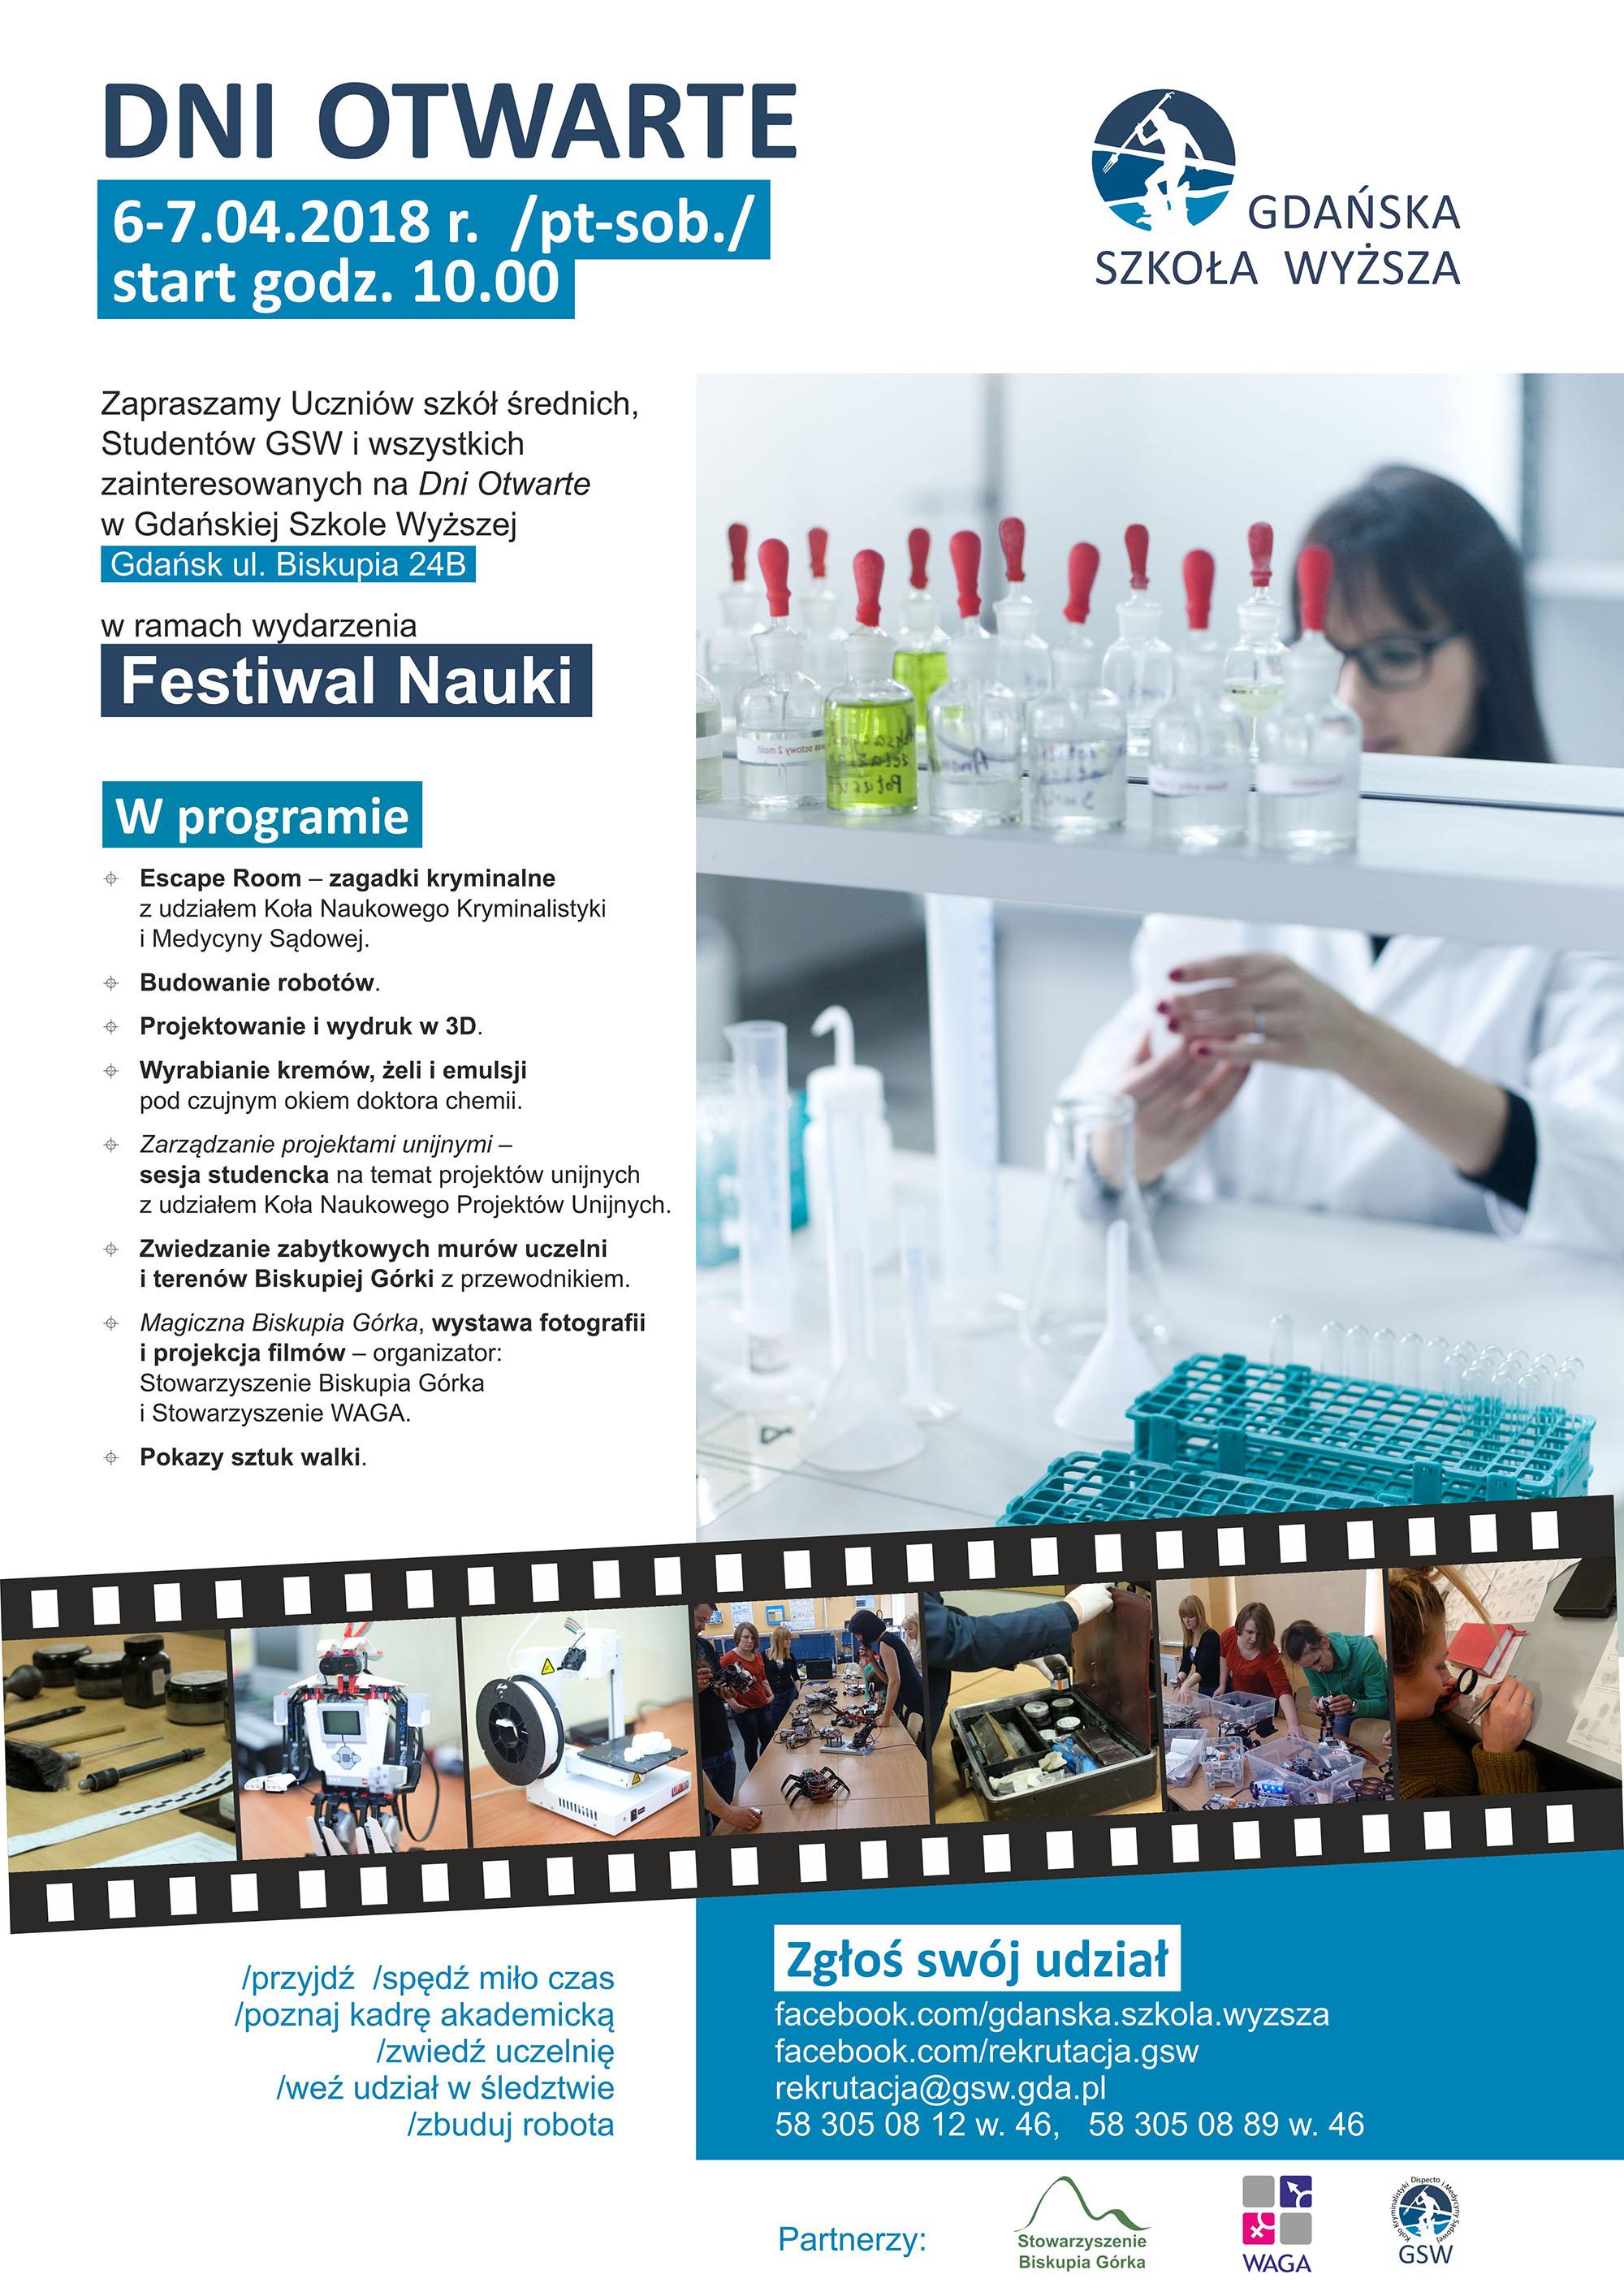 Festiwal Nauki - Dni Otwarte 06.04.2018 (plakat)